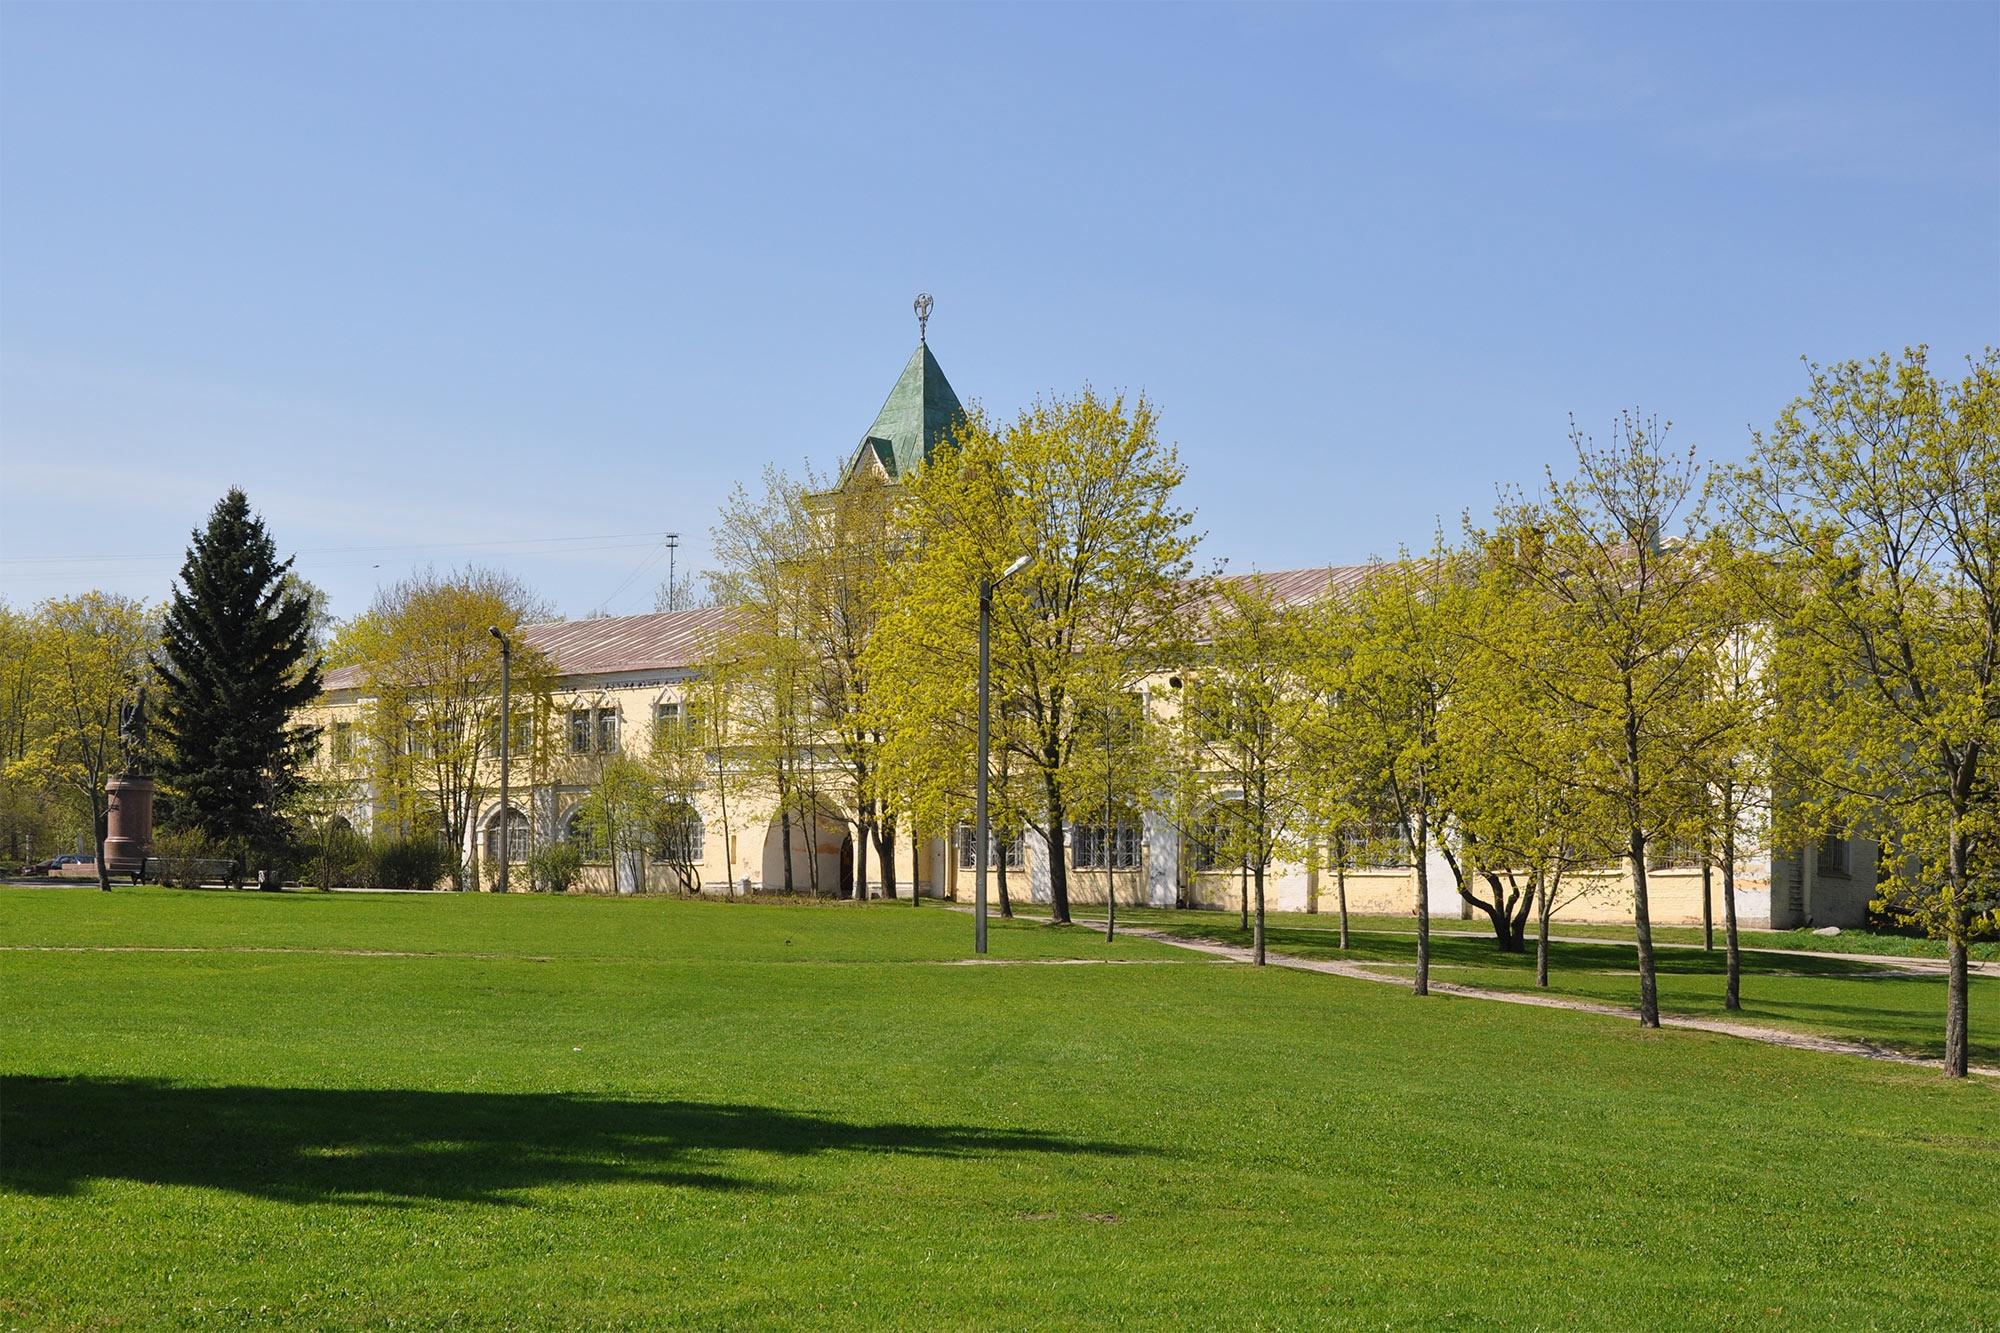 Казармы Собственного ЕИВ Конвоя (Аграрный университет), Пушкин, Россия